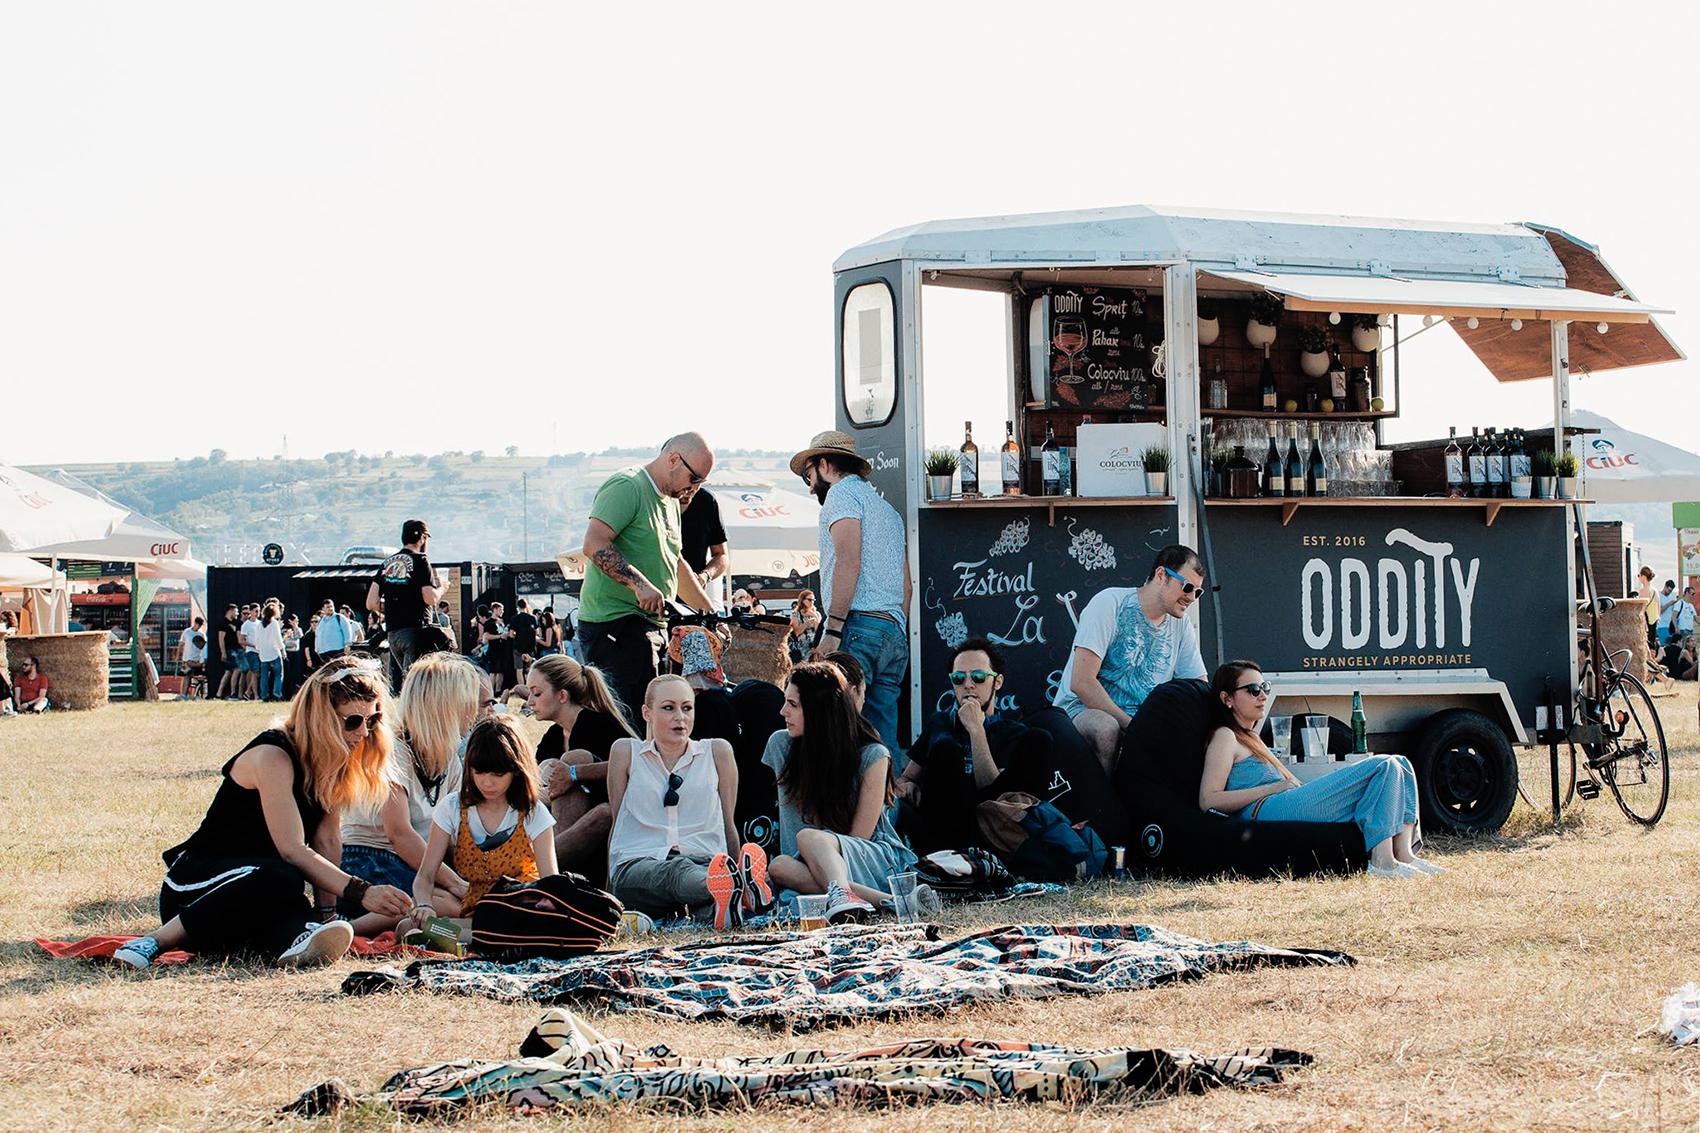 <span>DESIGN</span>Oddity Nomad-Bar